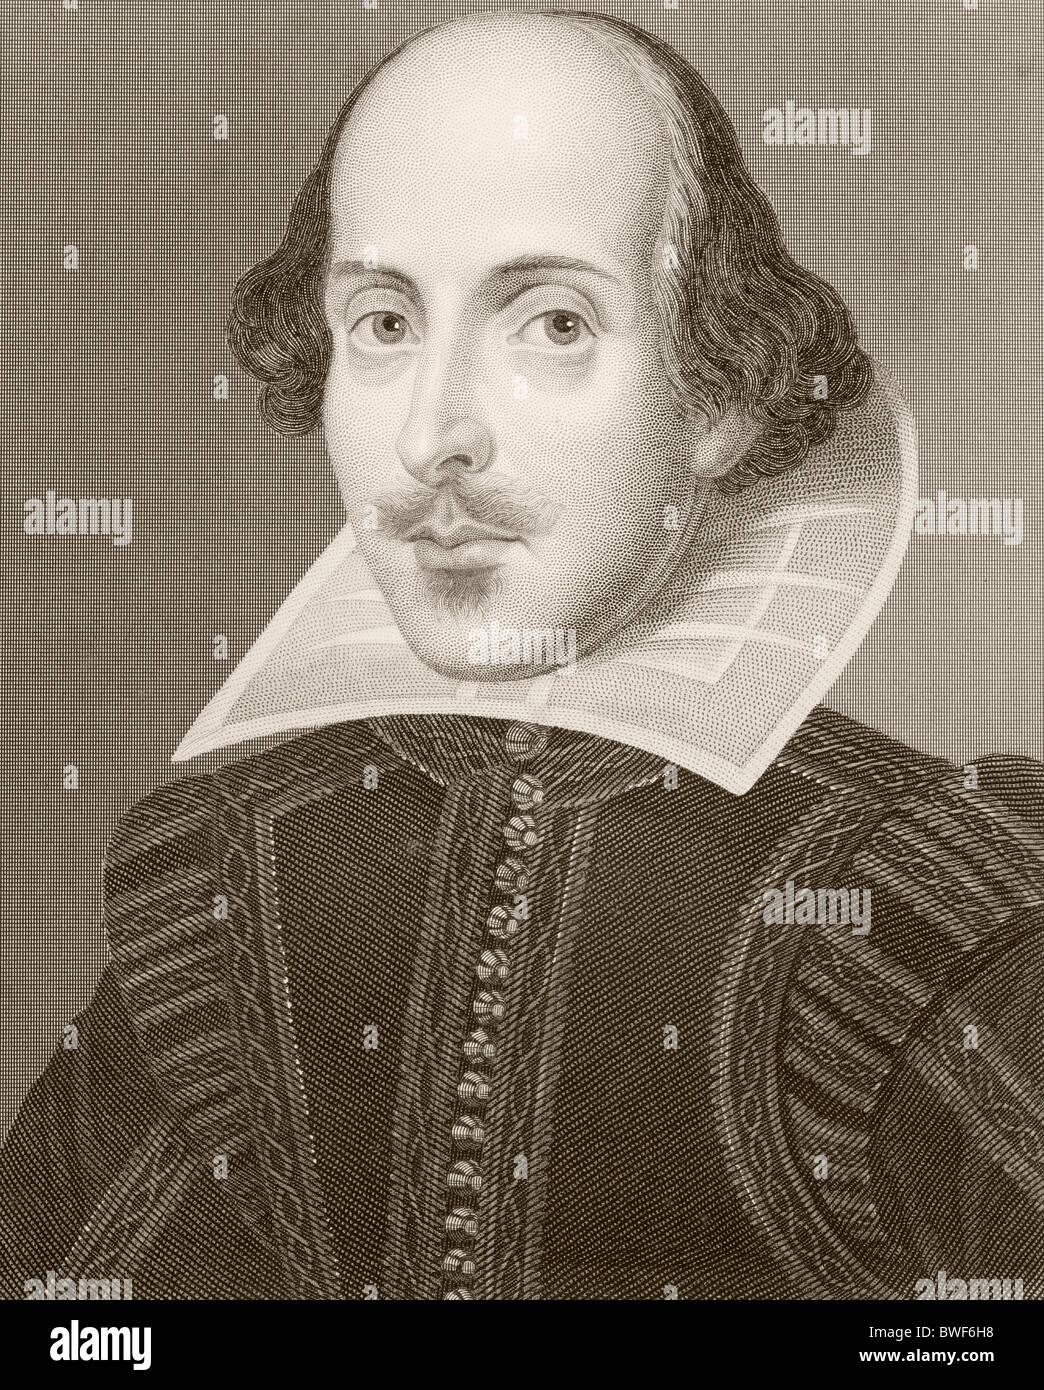 William Shakespeare, 1564 - 1616. Englische Dramatiker und Dichter. Stockfoto